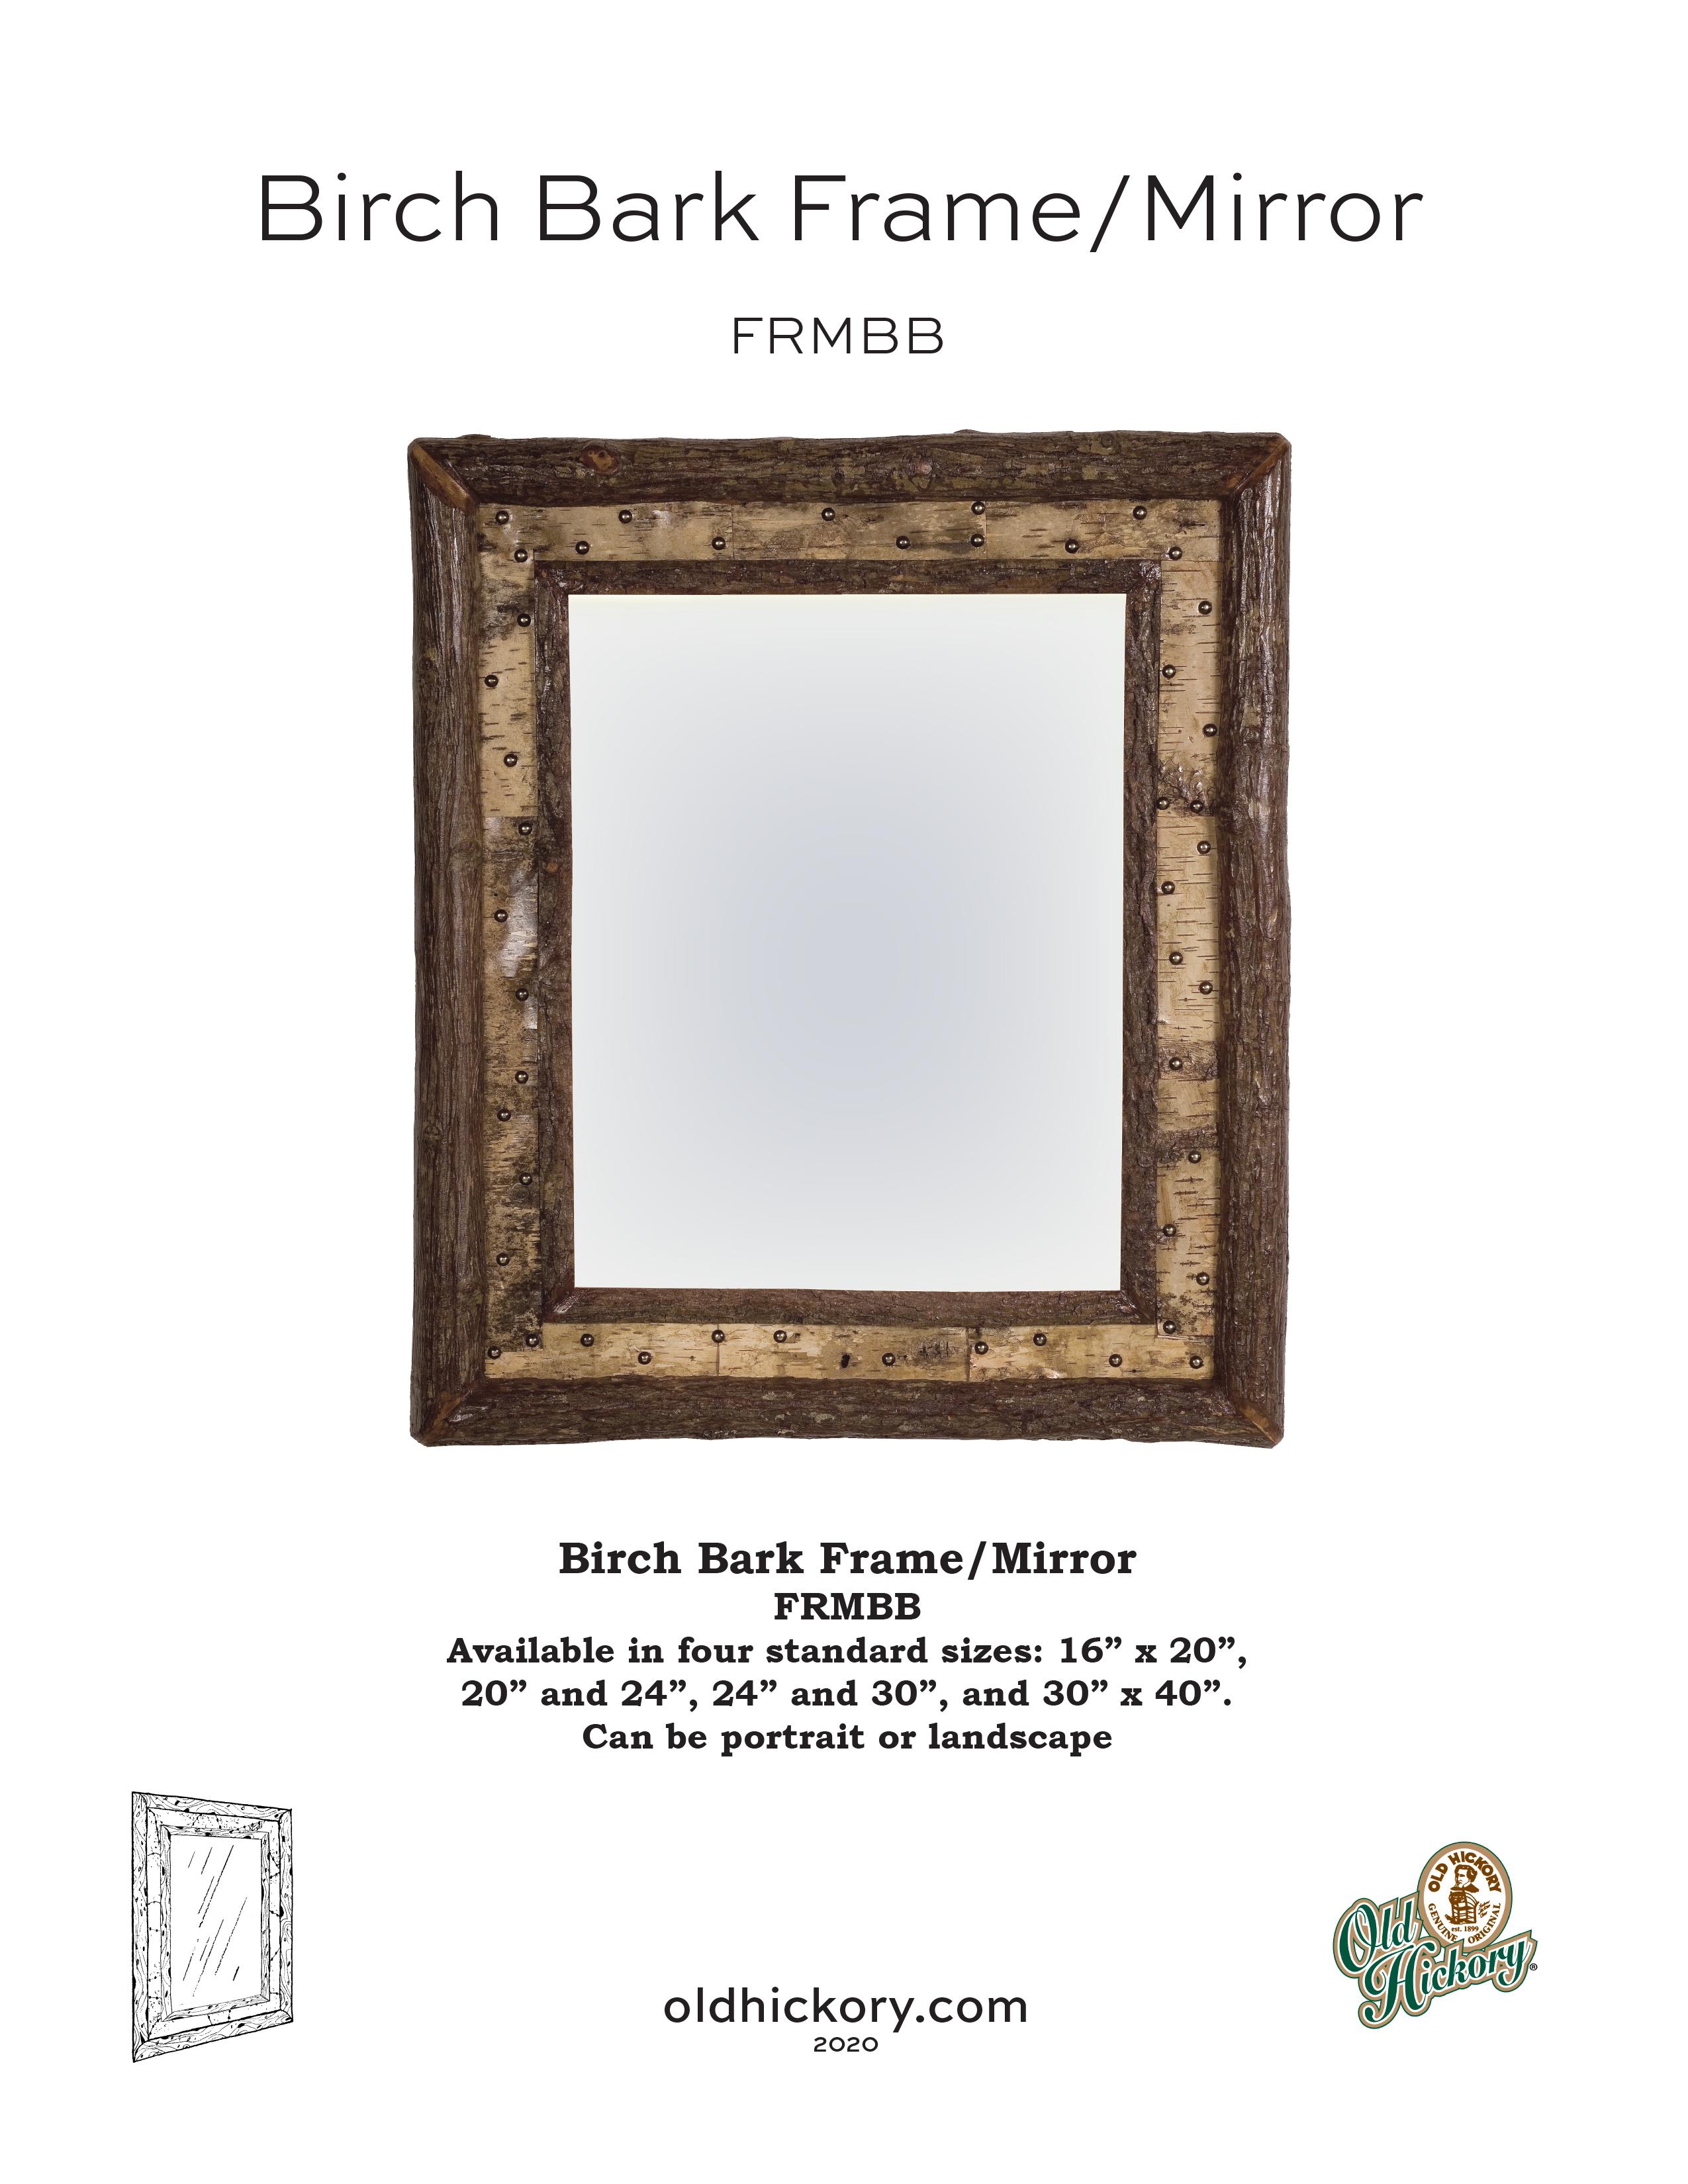 FRMBB